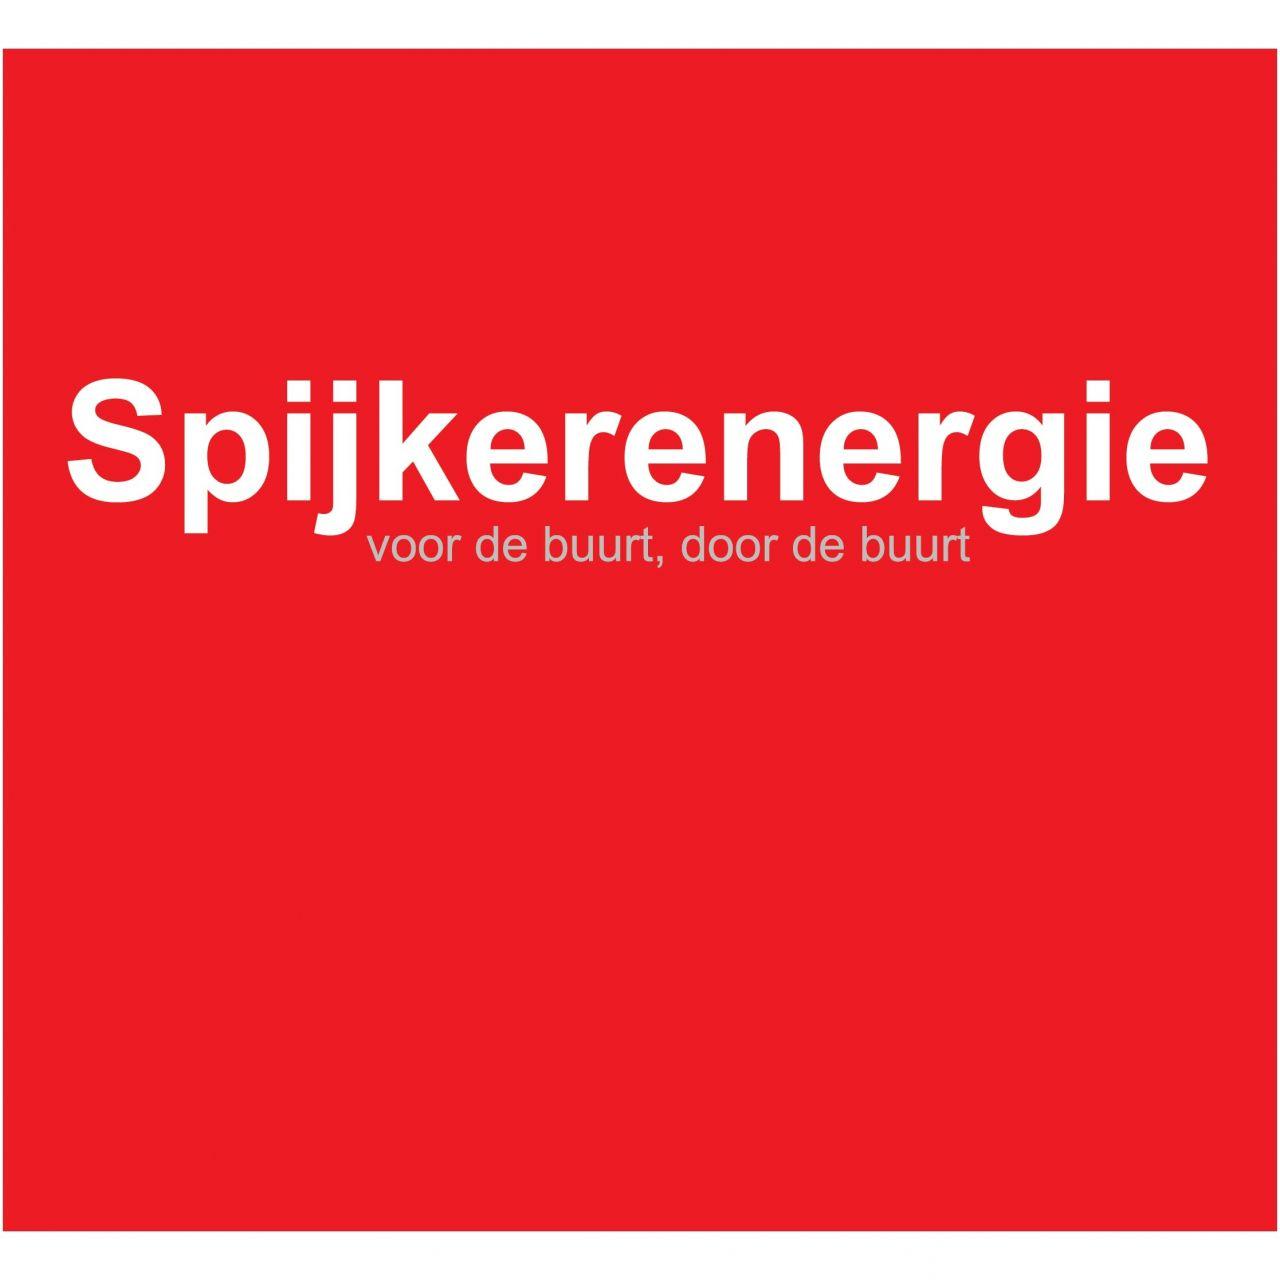 Spijkerenergie (Duurzaam buurt energie initiatief)